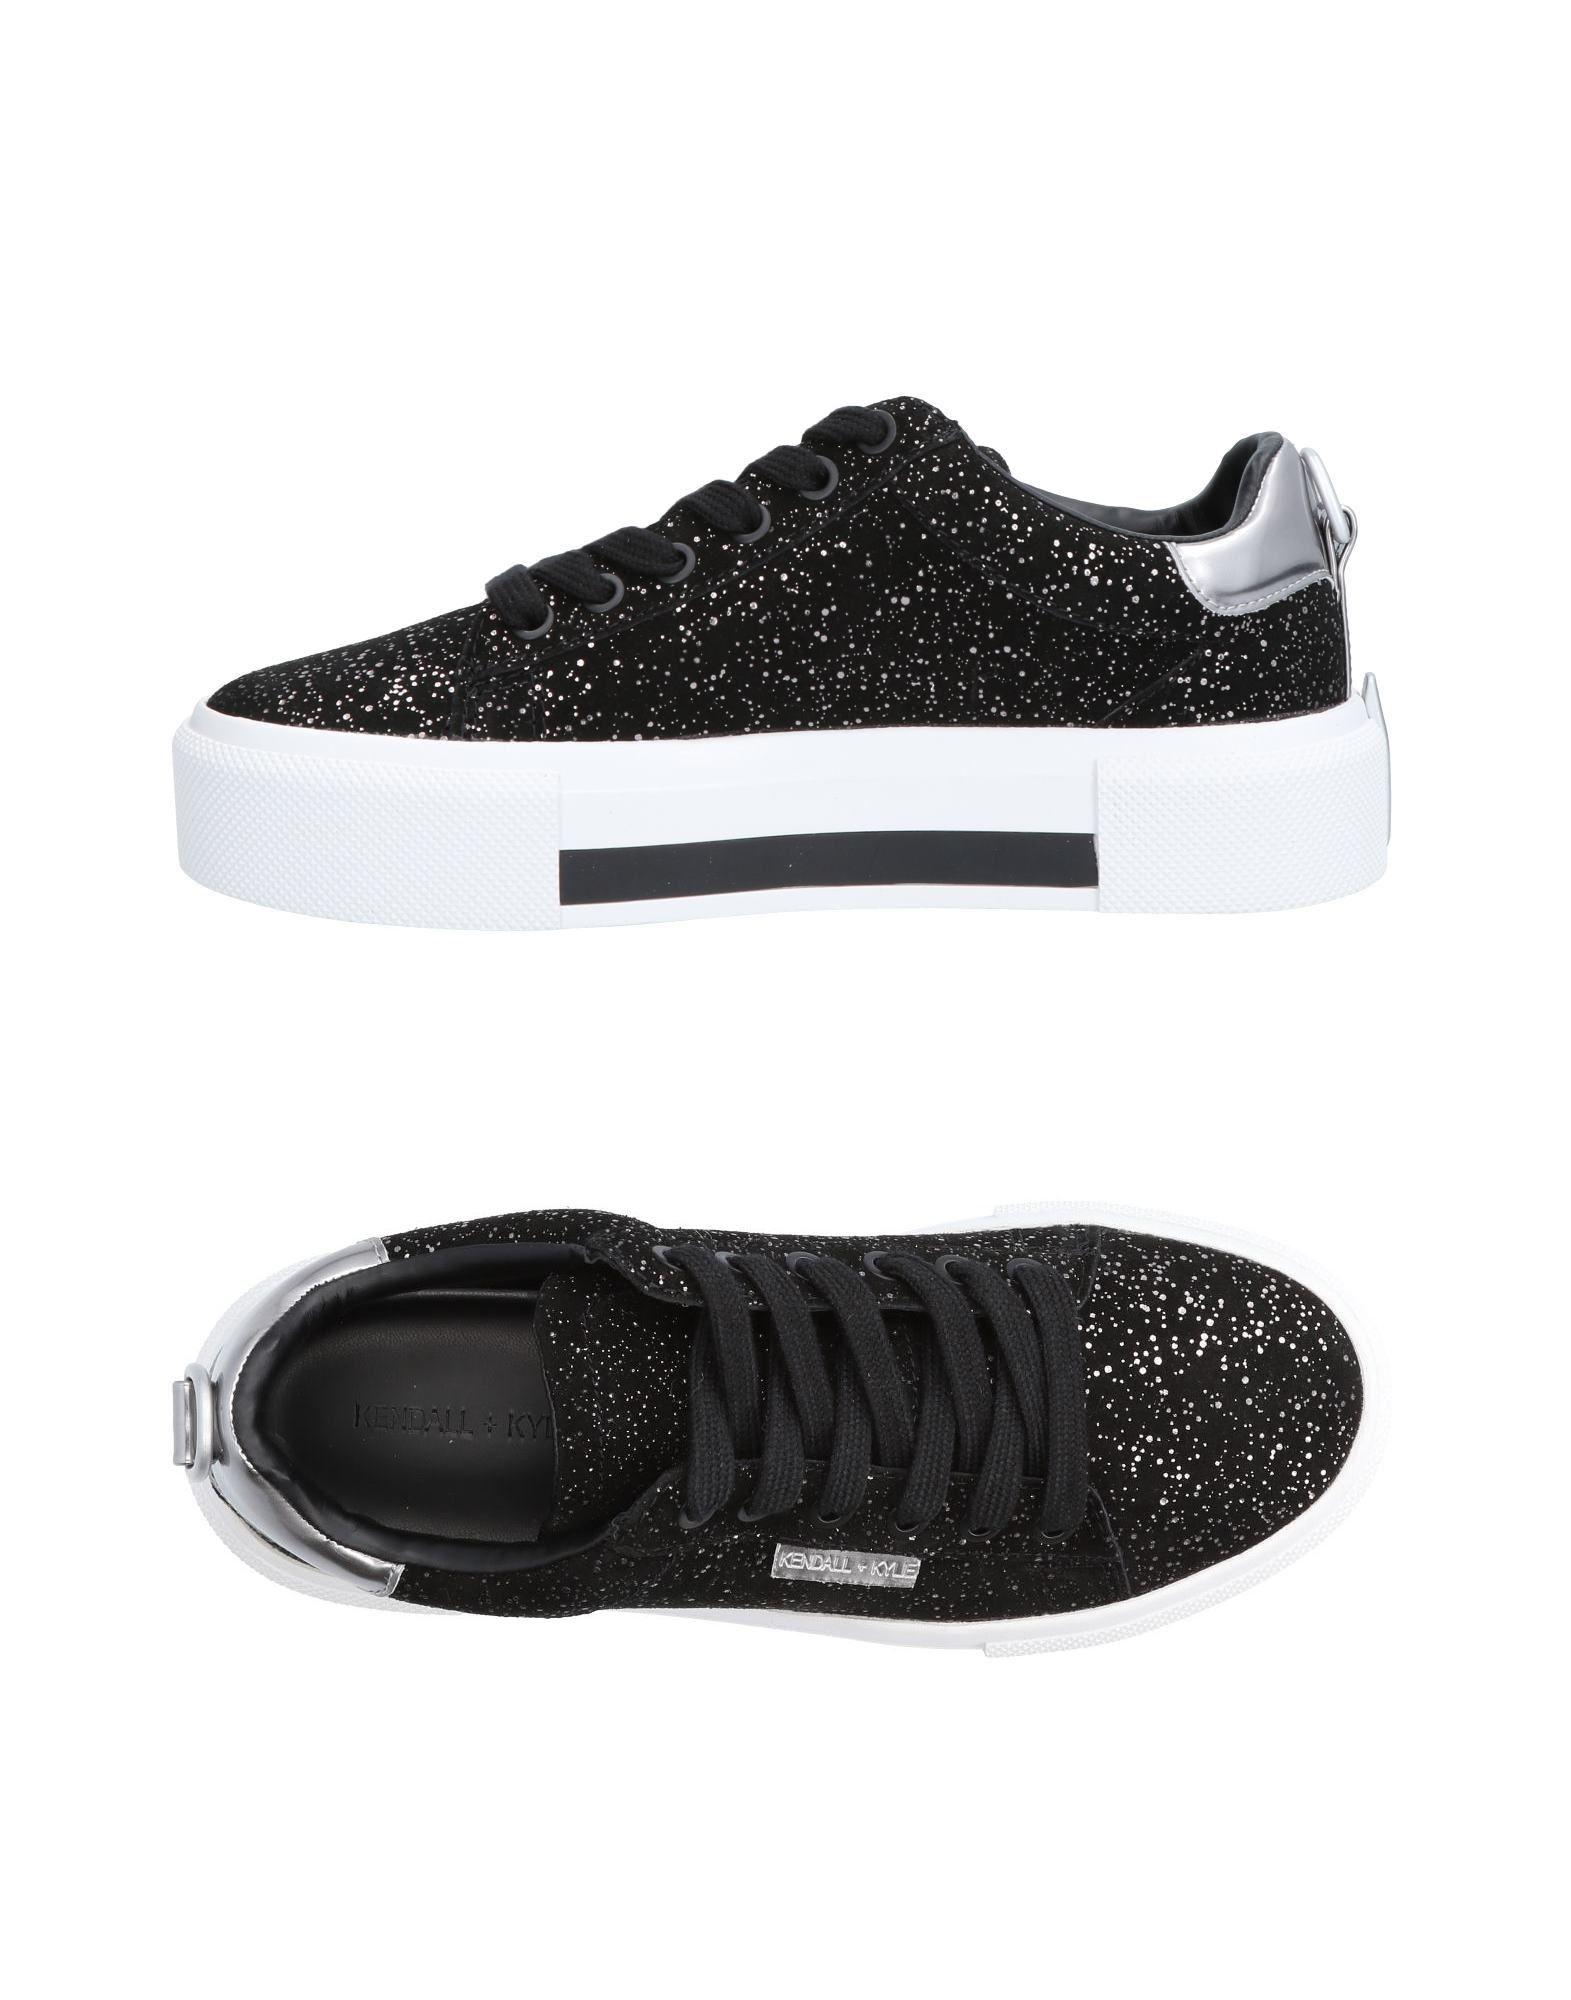 Kendall + Kylie Sneakers Damen  11448198KJ Gute Qualität beliebte Schuhe